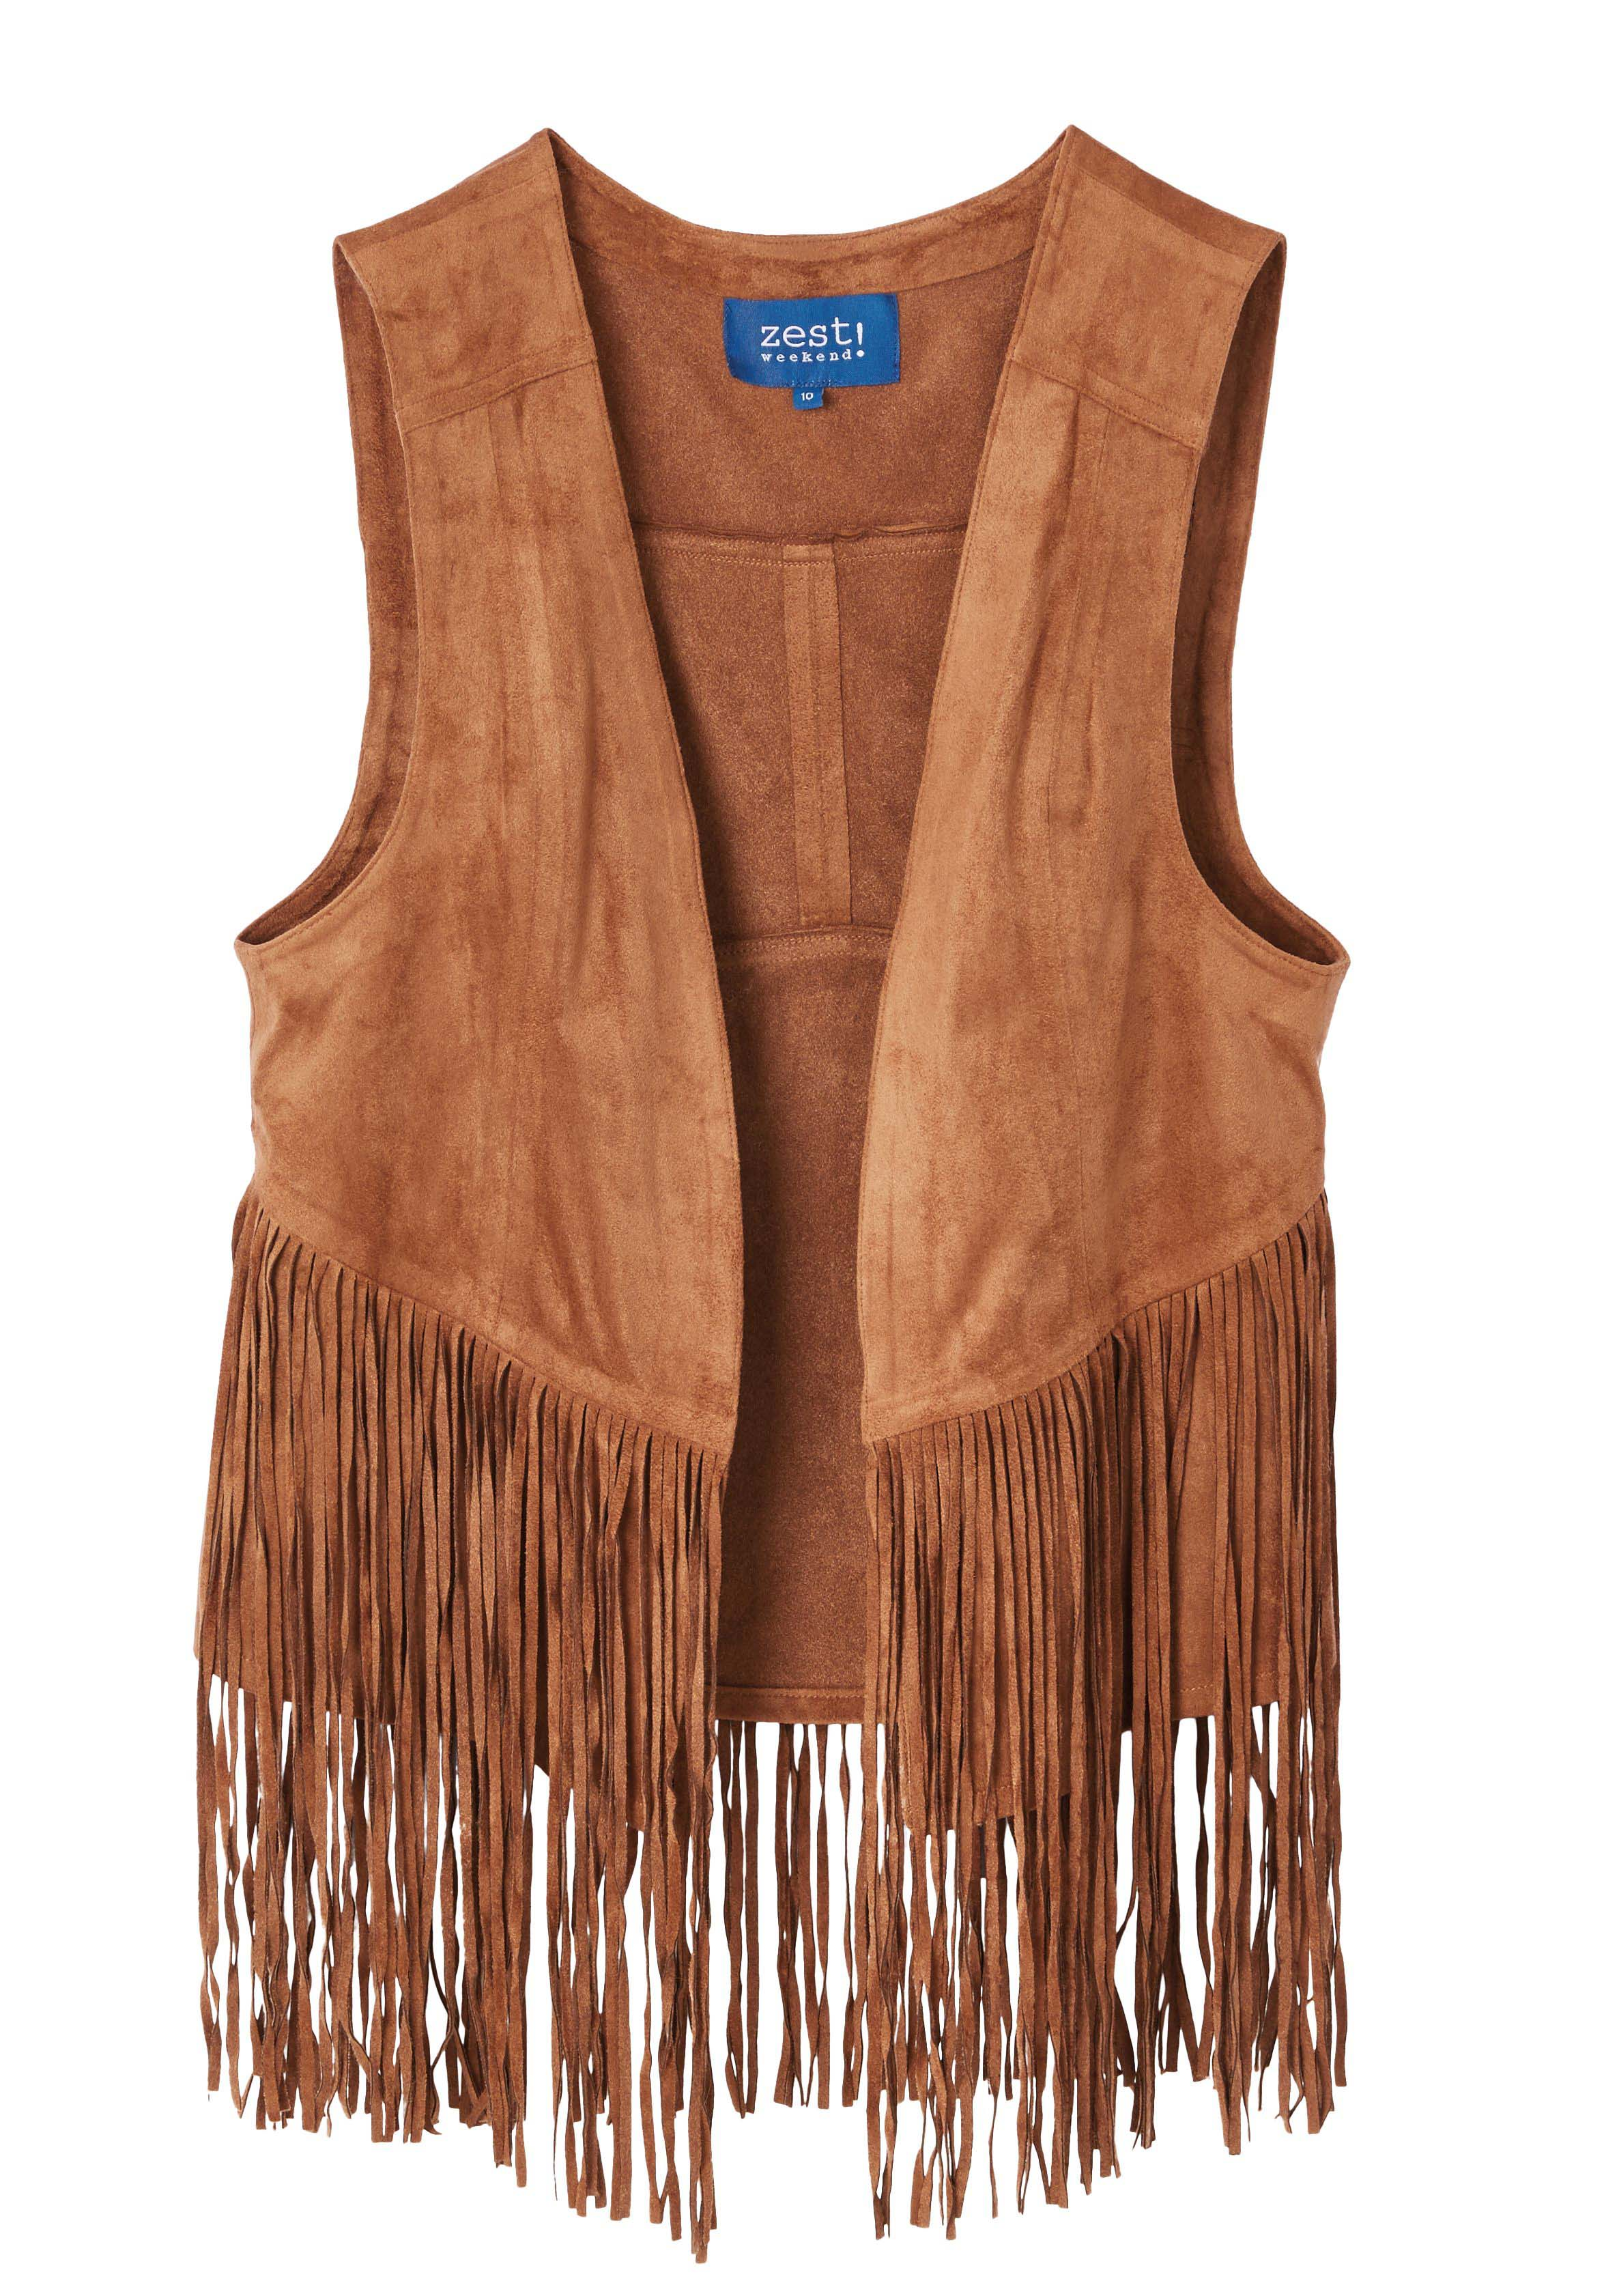 6085929 Zest Weekend Fringed Vest Camel $59.99 Instore 7 Mar 2016